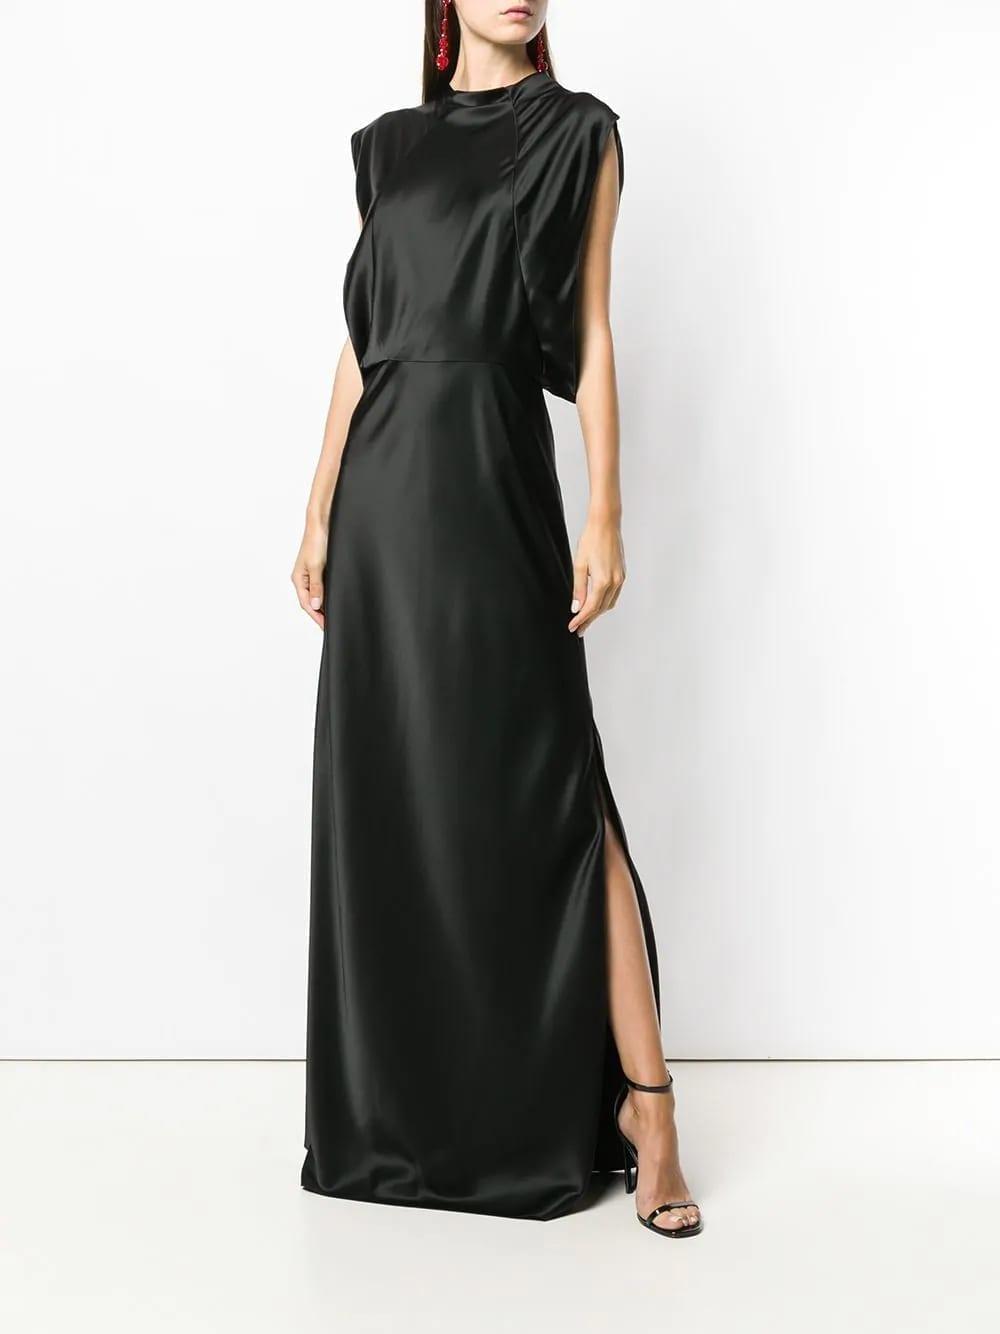 LANVIN-Side-Slit-Long-Black-Dress